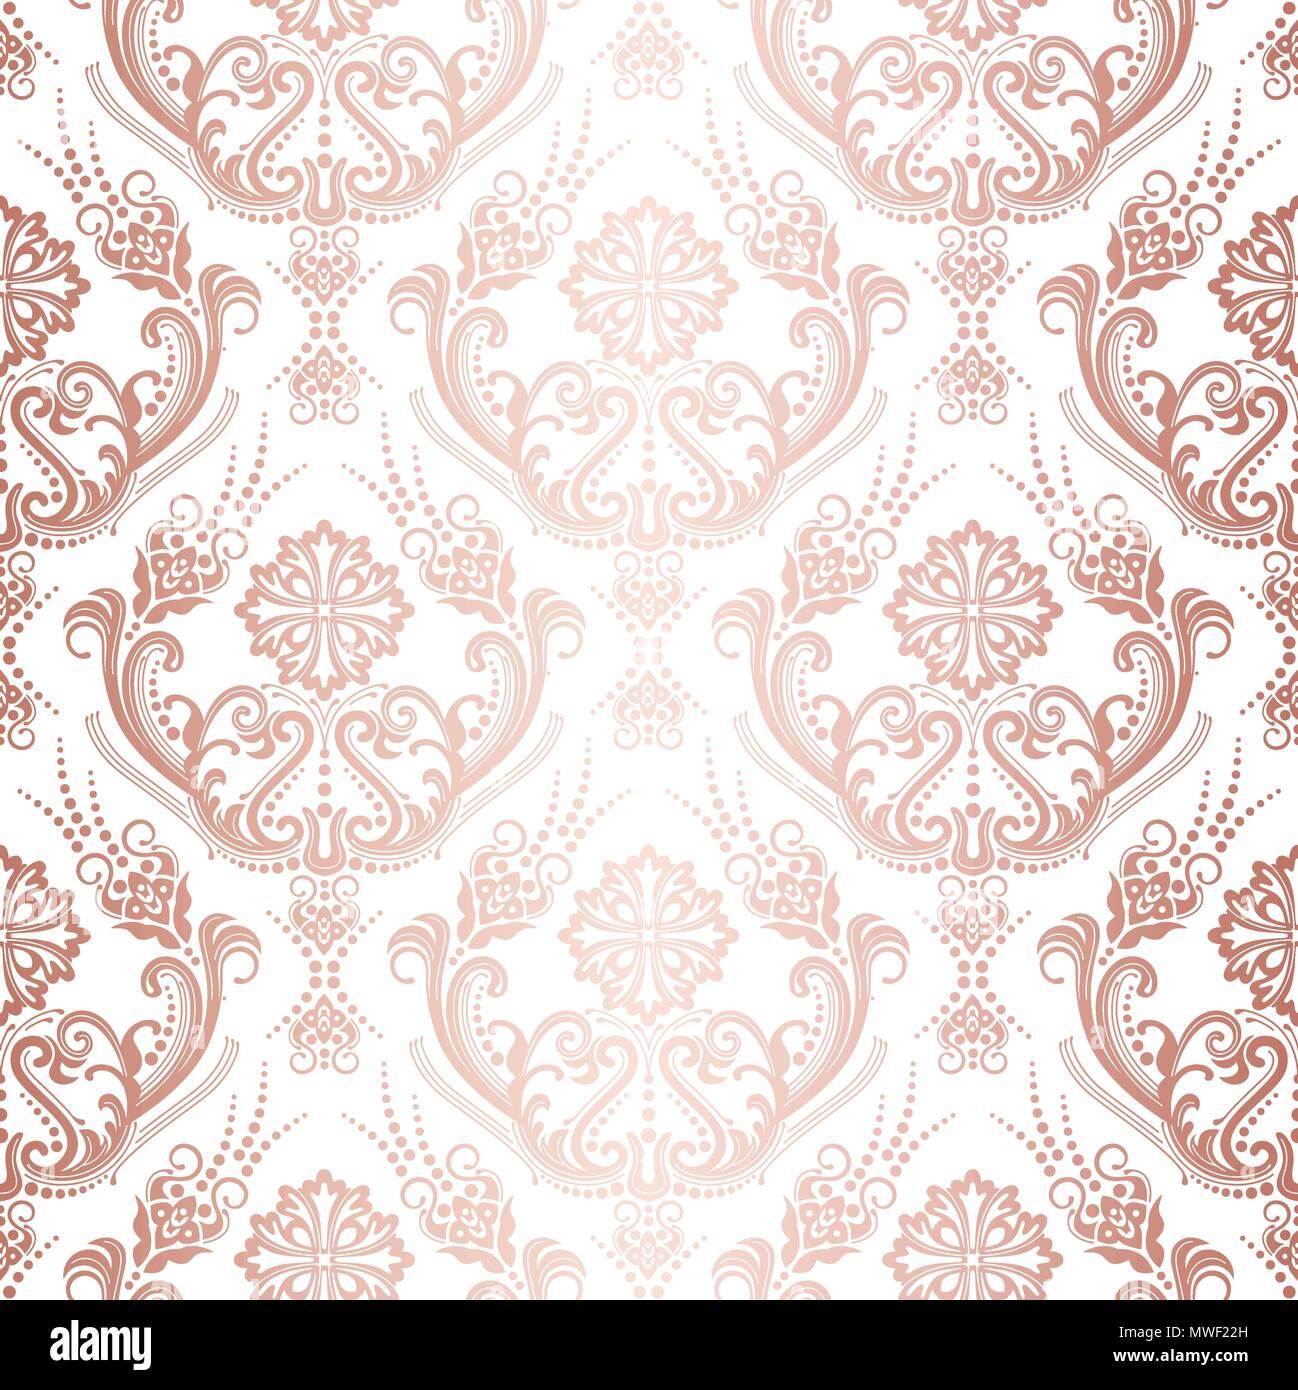 Or Rose De Luxe Papier Peint Damasse Floral Motif Isole Cette Image